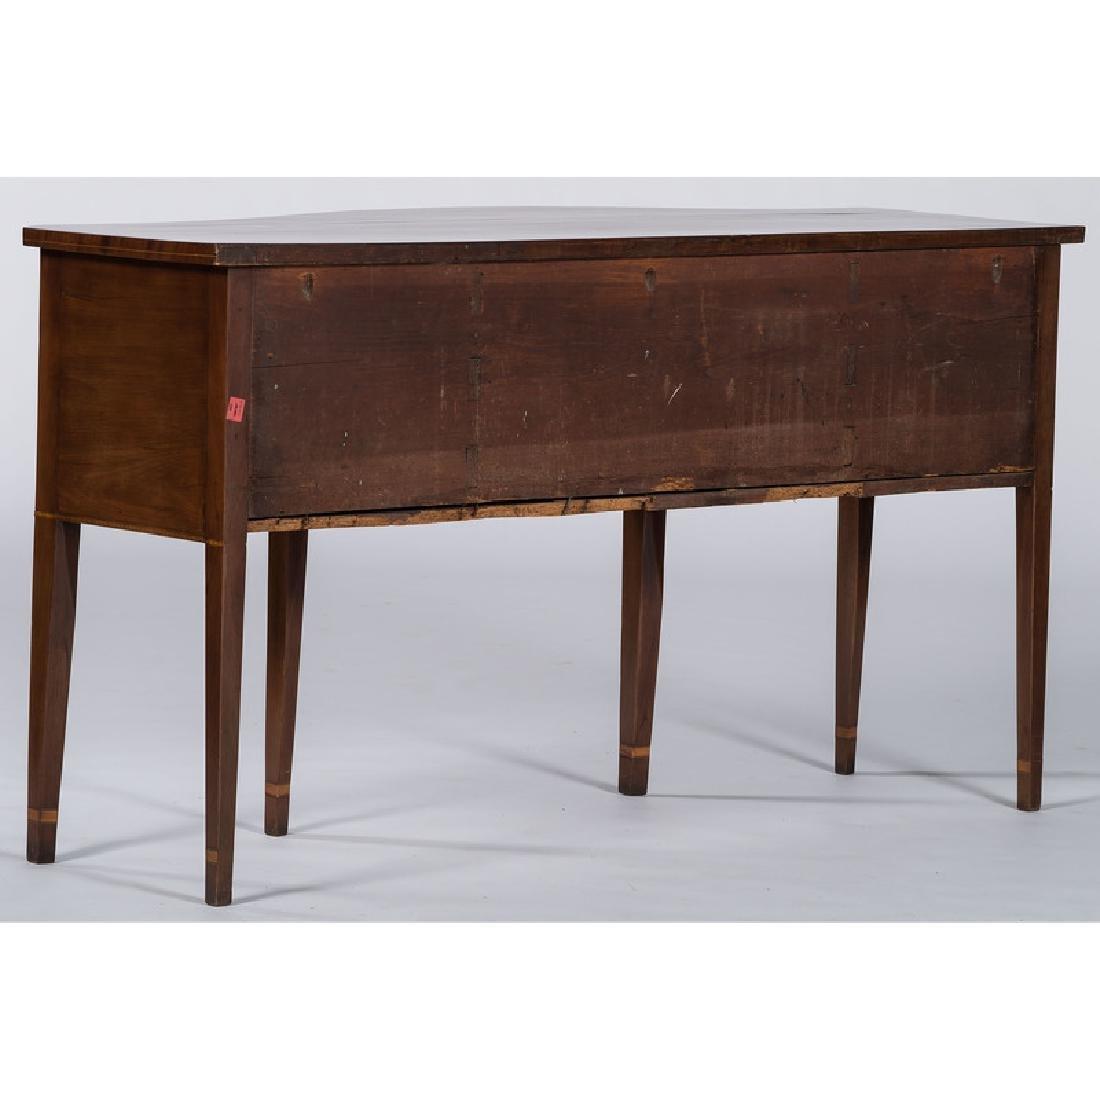 Hepplewhite Serpentine Sideboard - 3